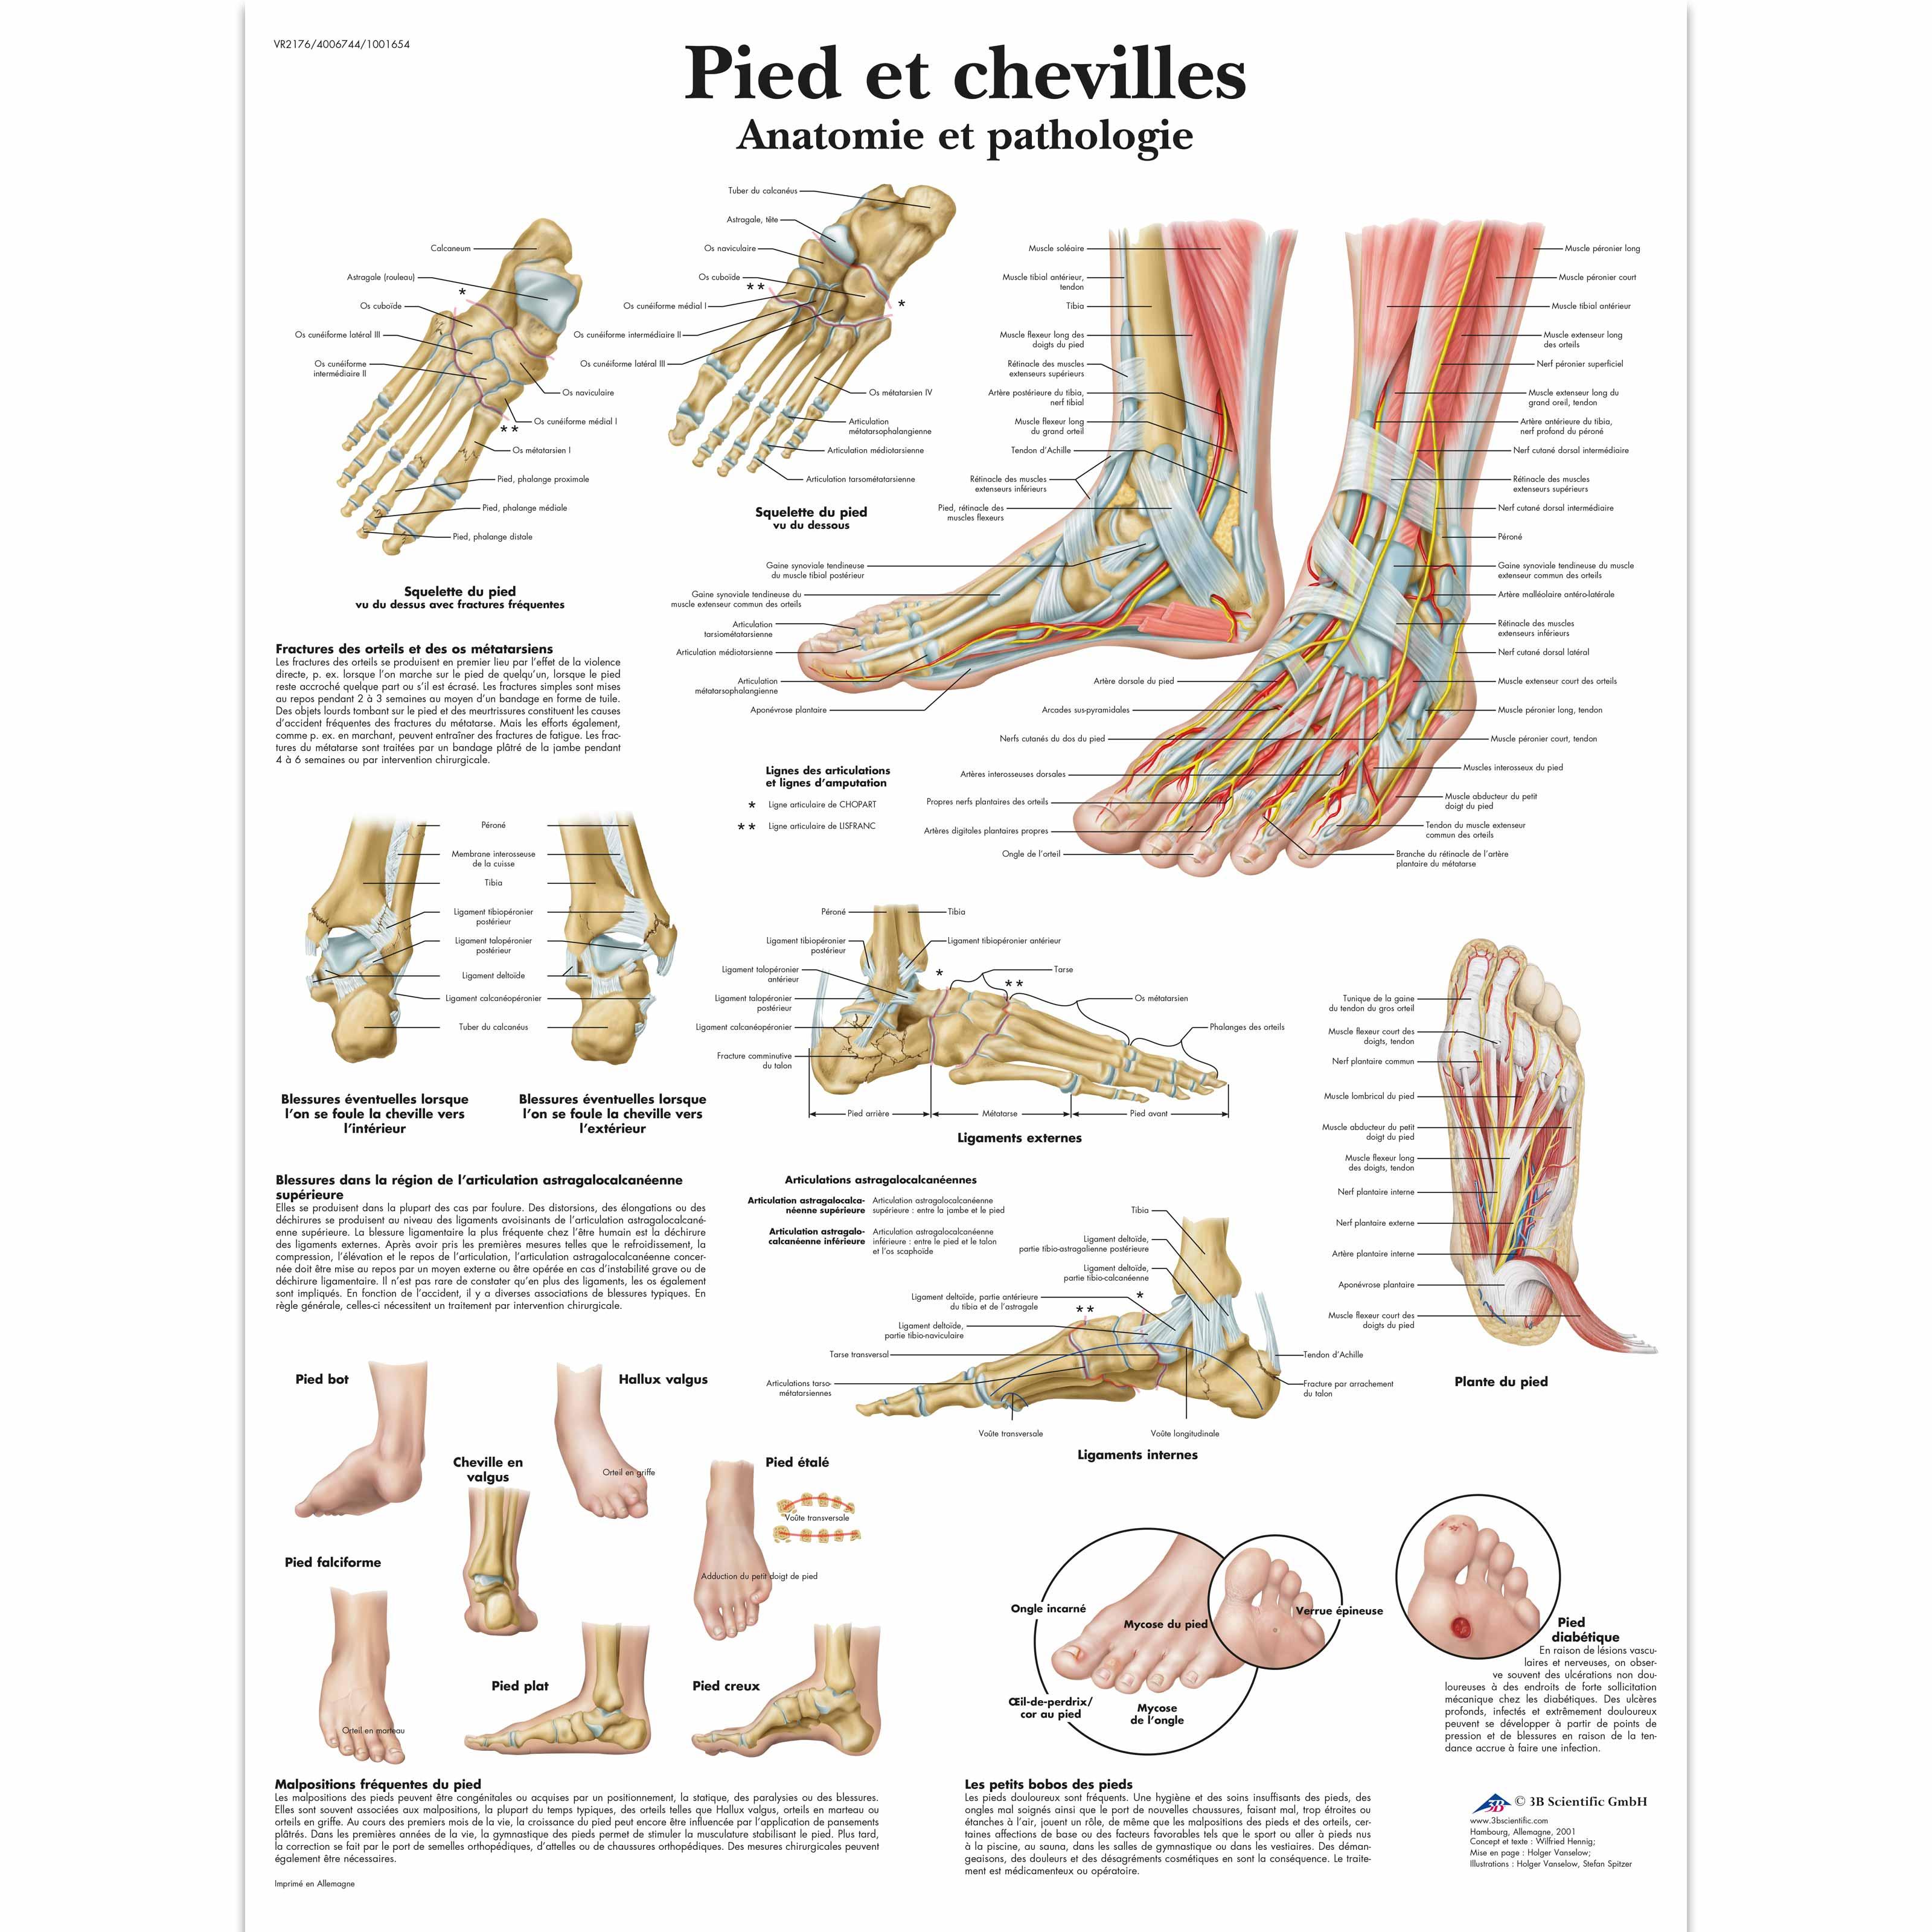 et chevilles Pied et Anatomie pathologie AR5L34j